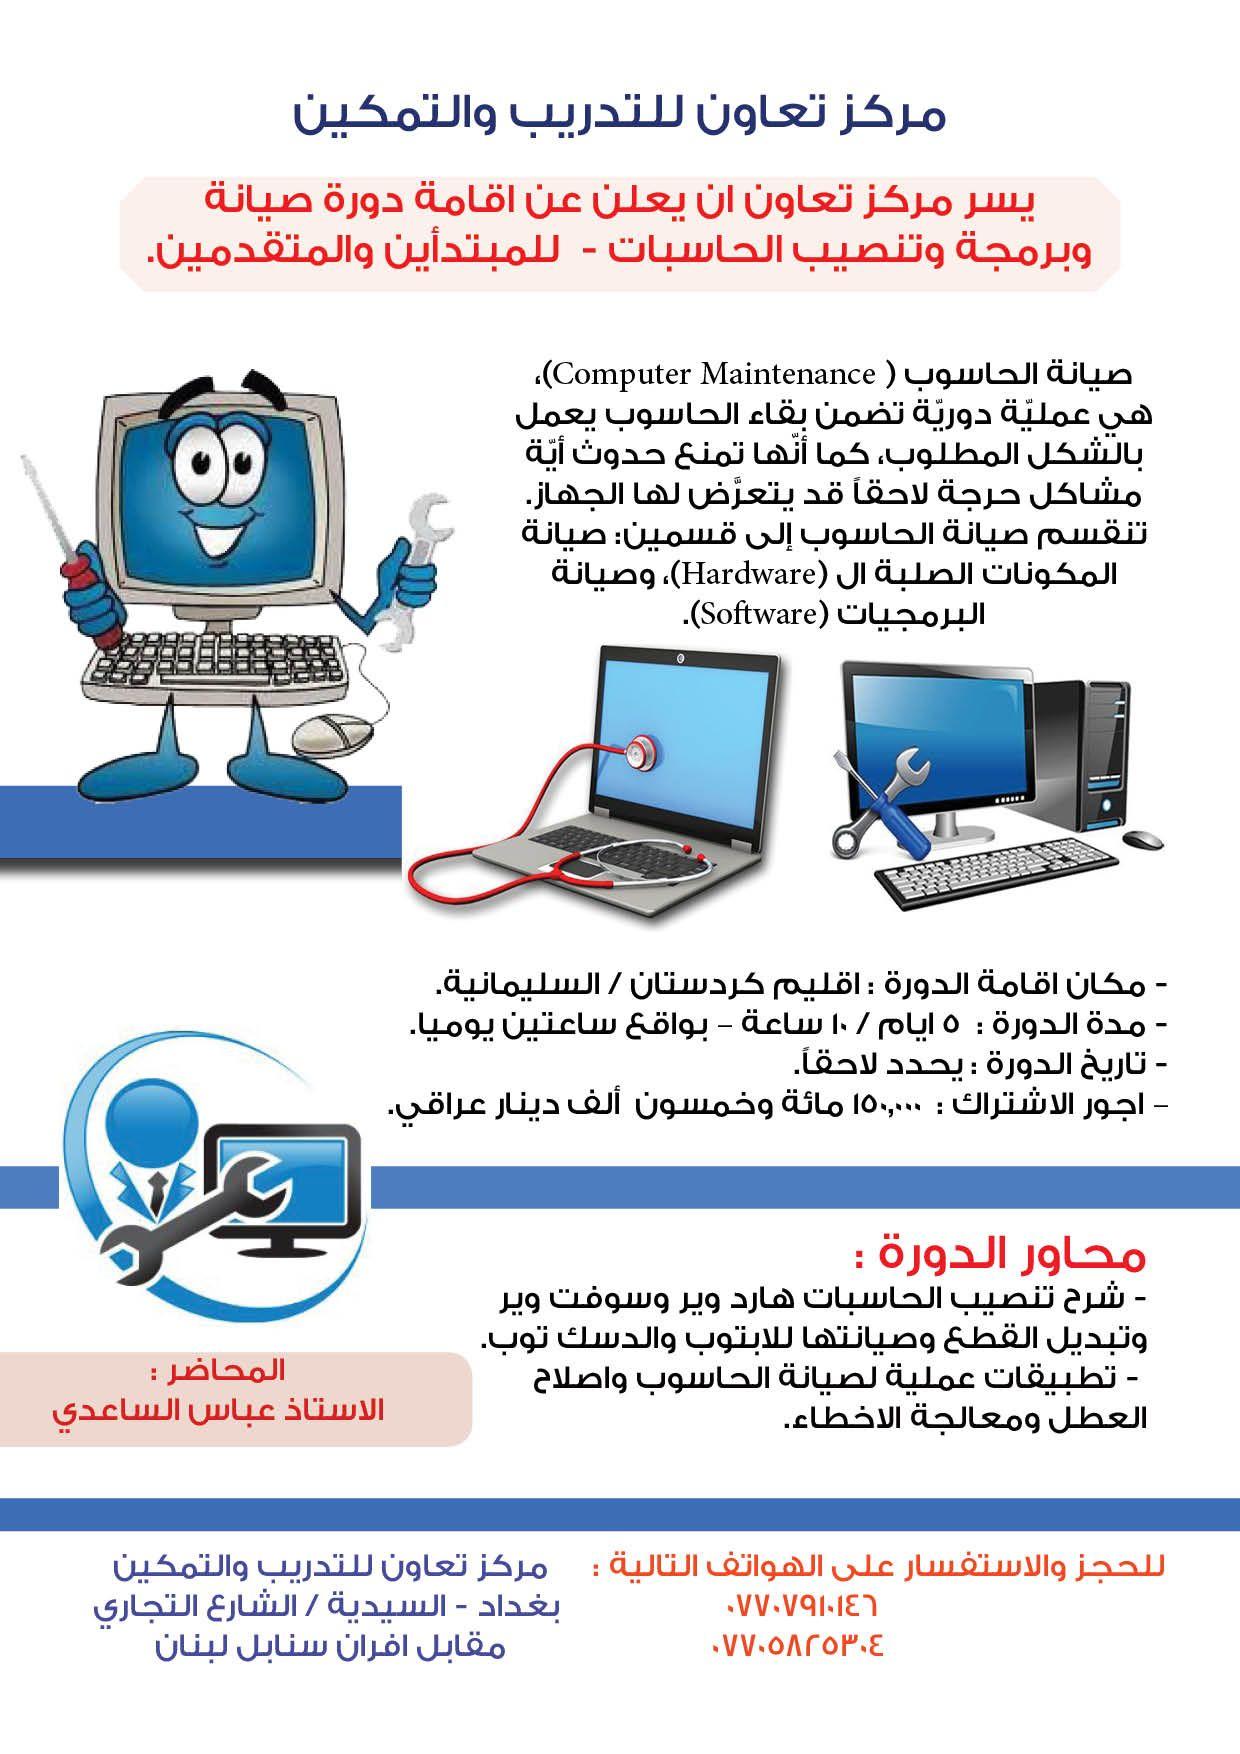 تعلم صيانة الحاسوب من خلال دورة صيانة وتنصيب الحاسبات Computer Maintenance Iot Maintenance